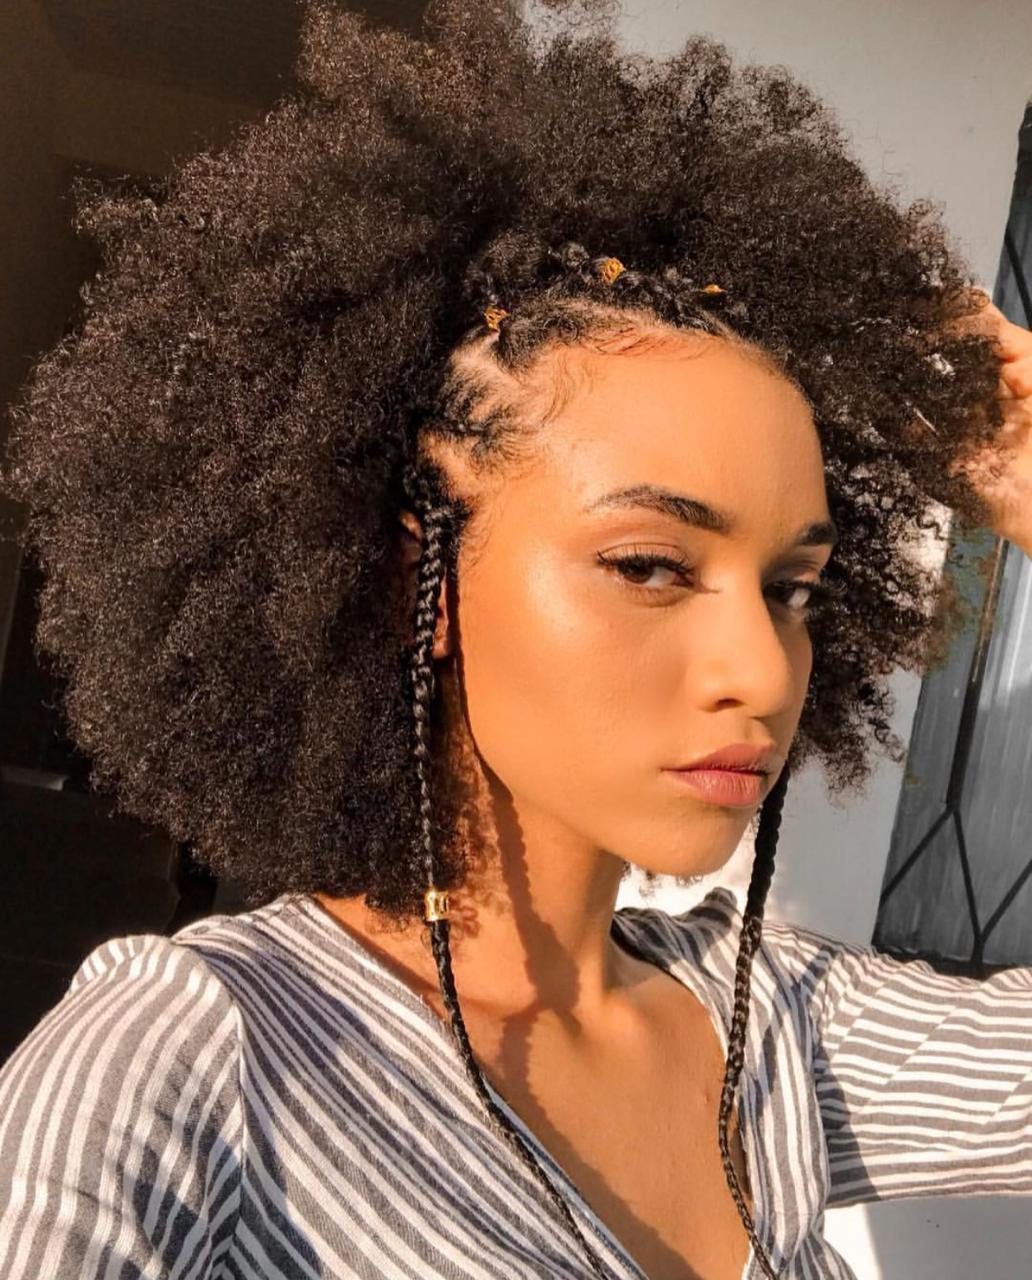 Penteado cabelo curto madrinha: opções incríveis para os fios curtinhos